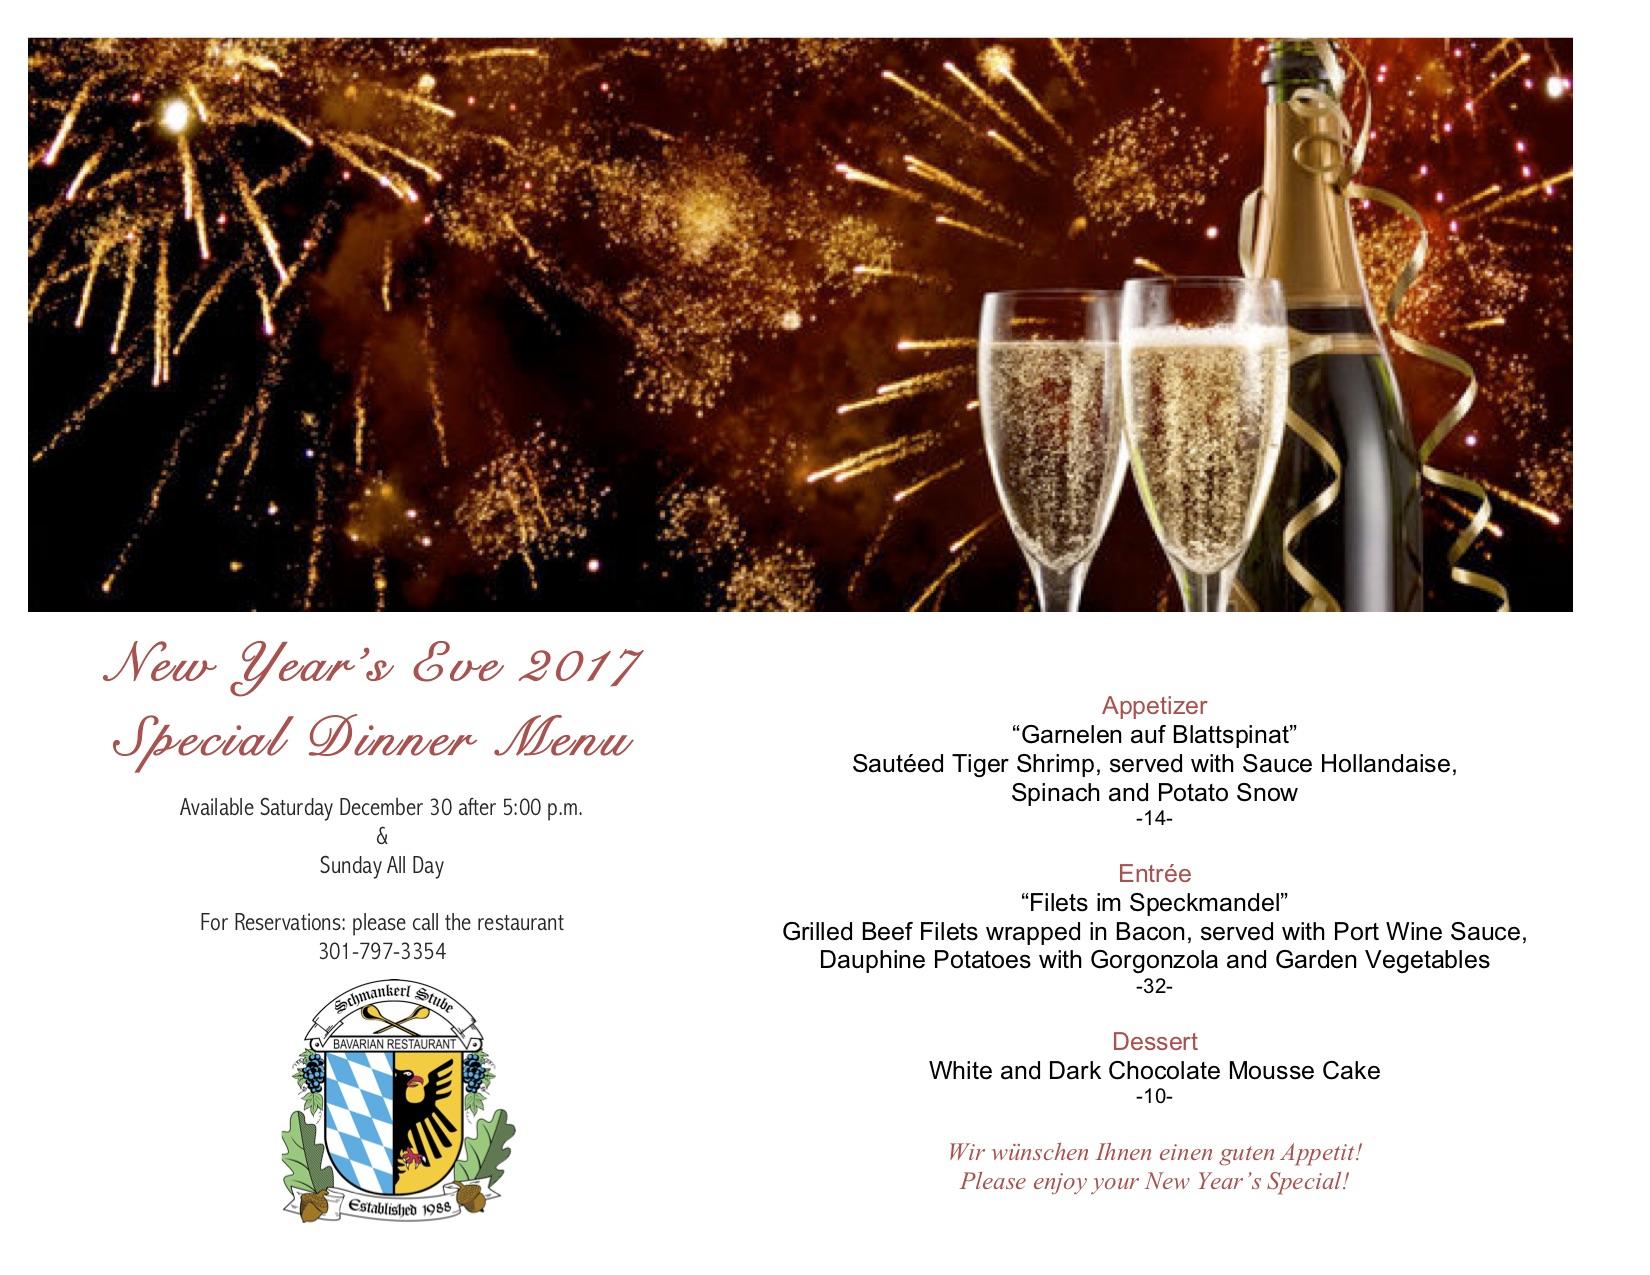 New Years Eve 2017 menu photo